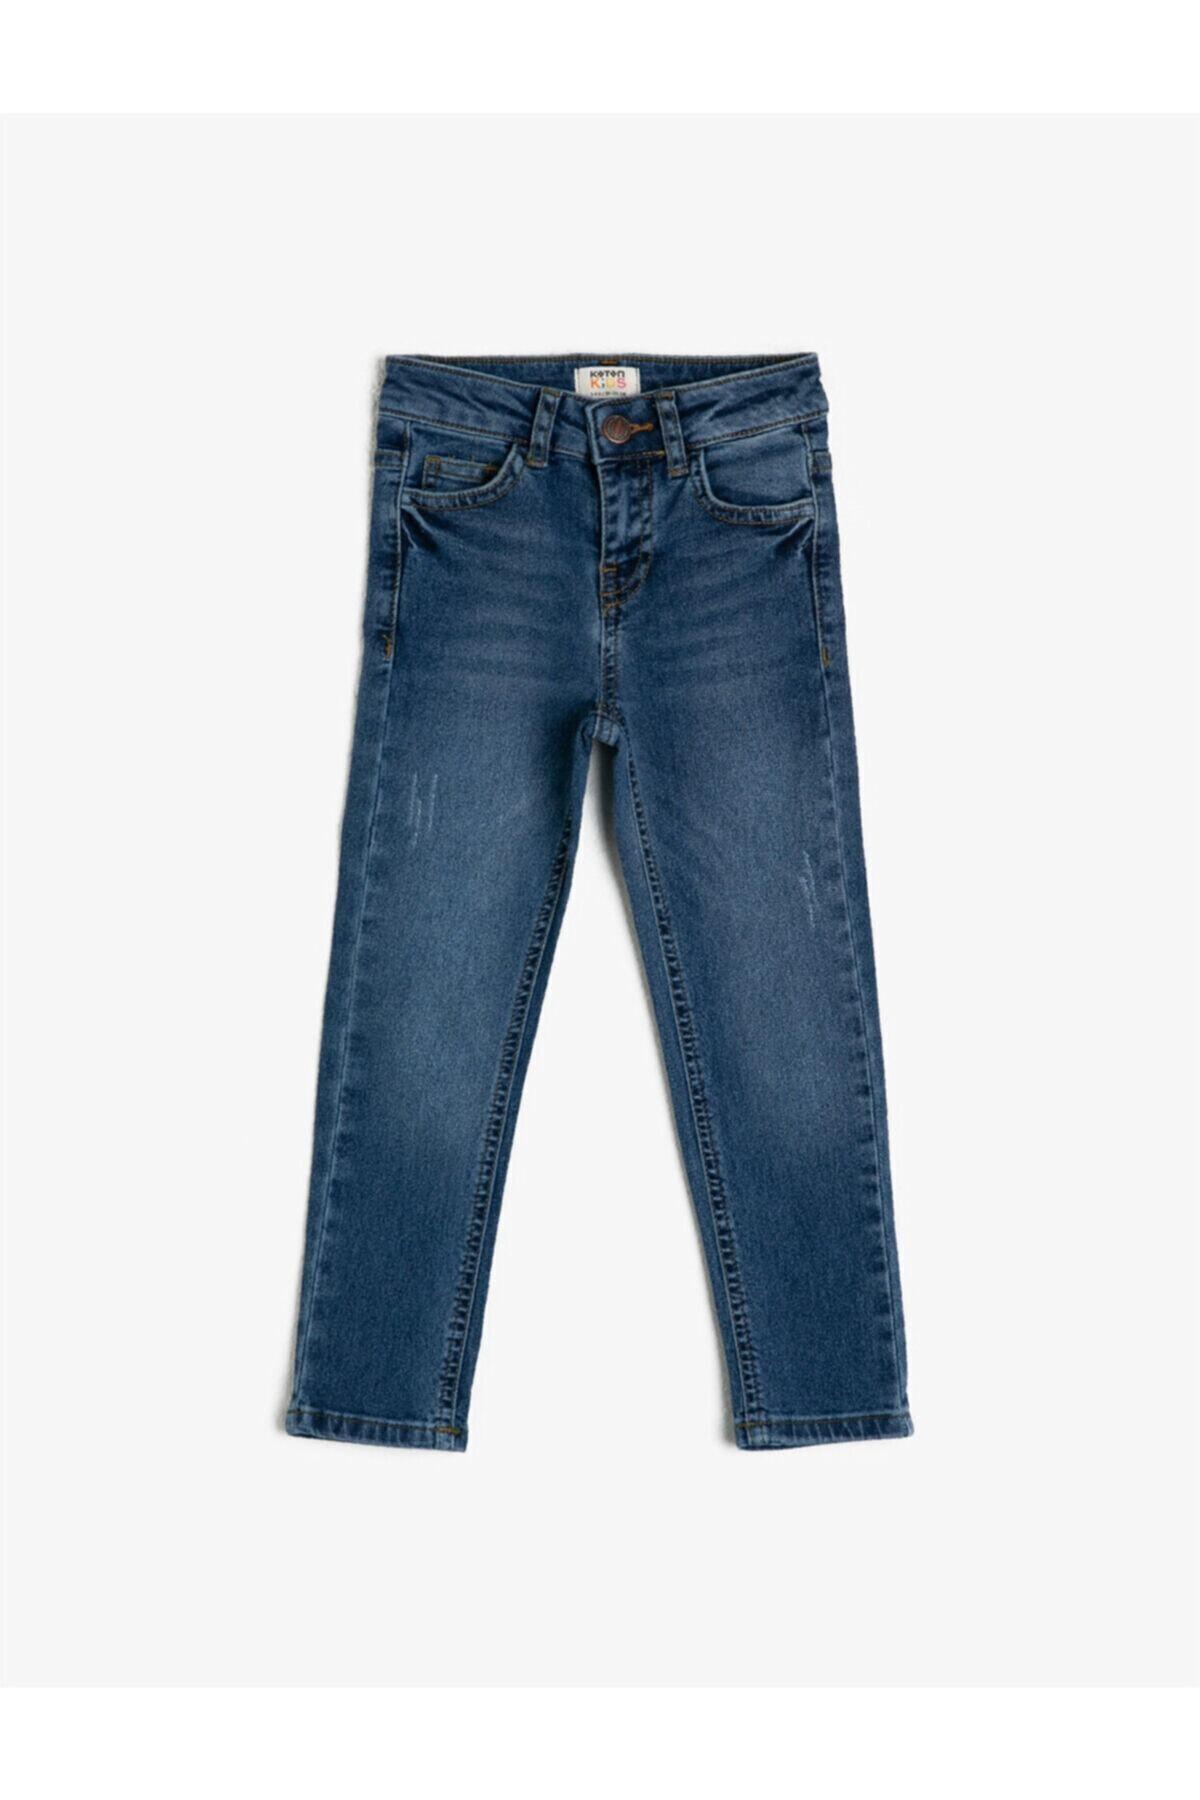 Koton Erkek Çocuk Mavi Cepli Jean Pantolon 1